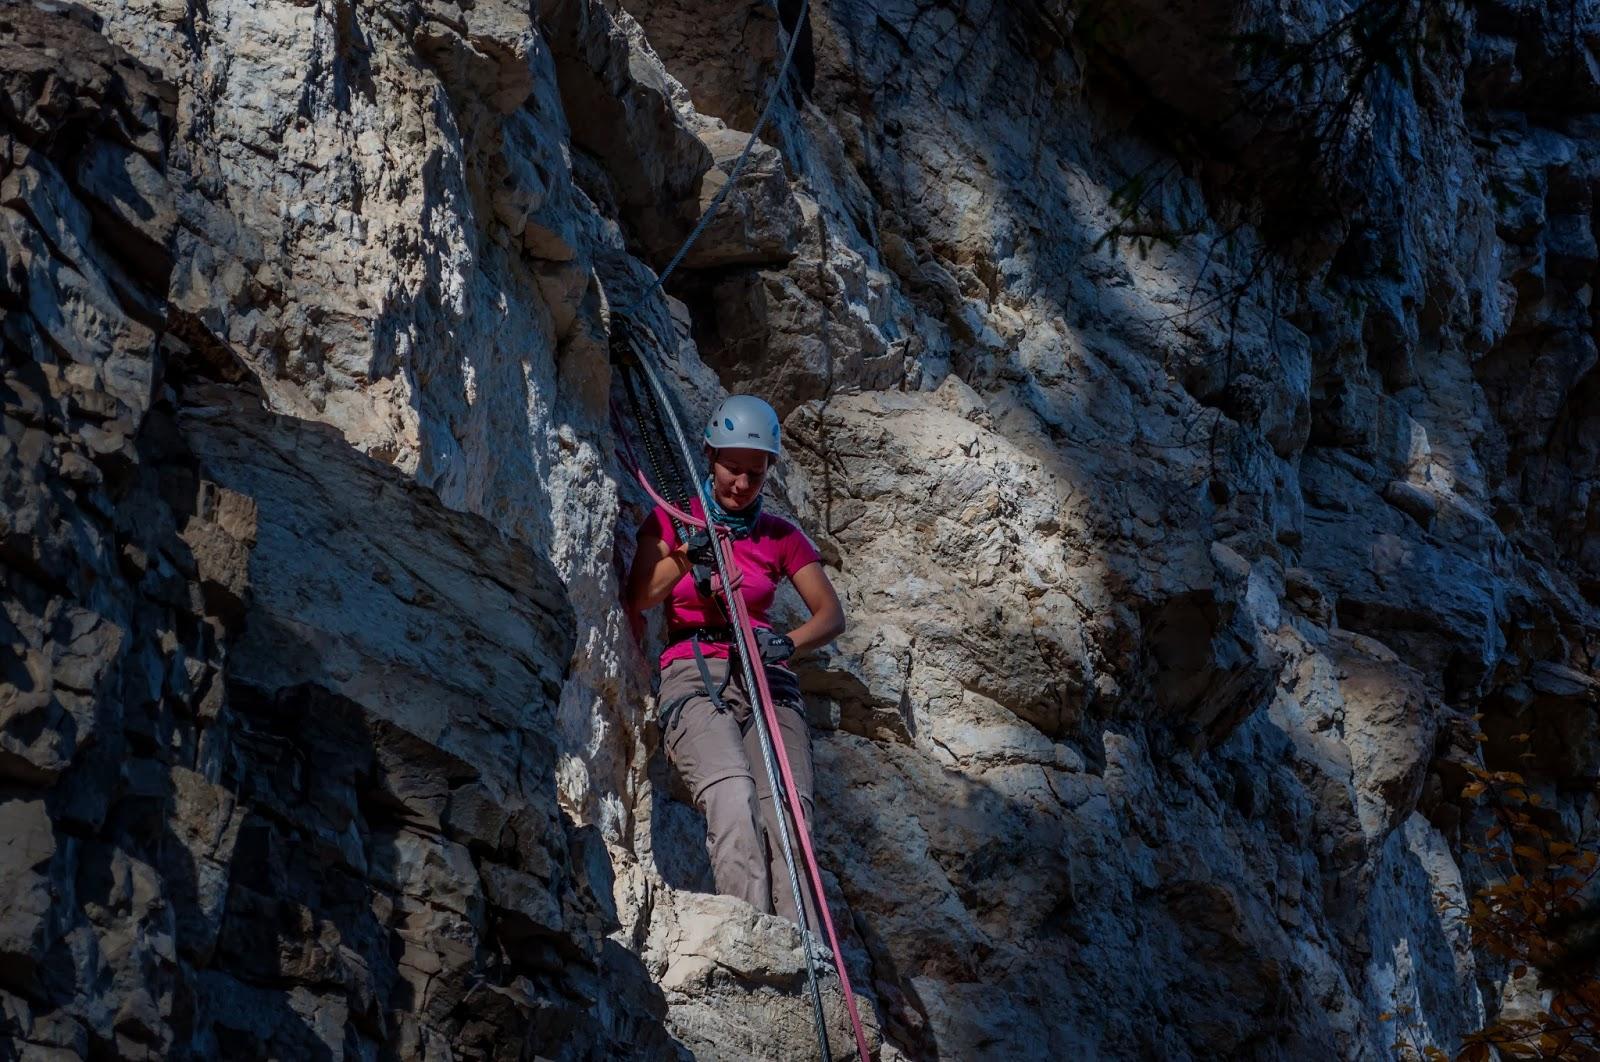 Klettersteig Postalm : Postalm klettersteig wolfs berge